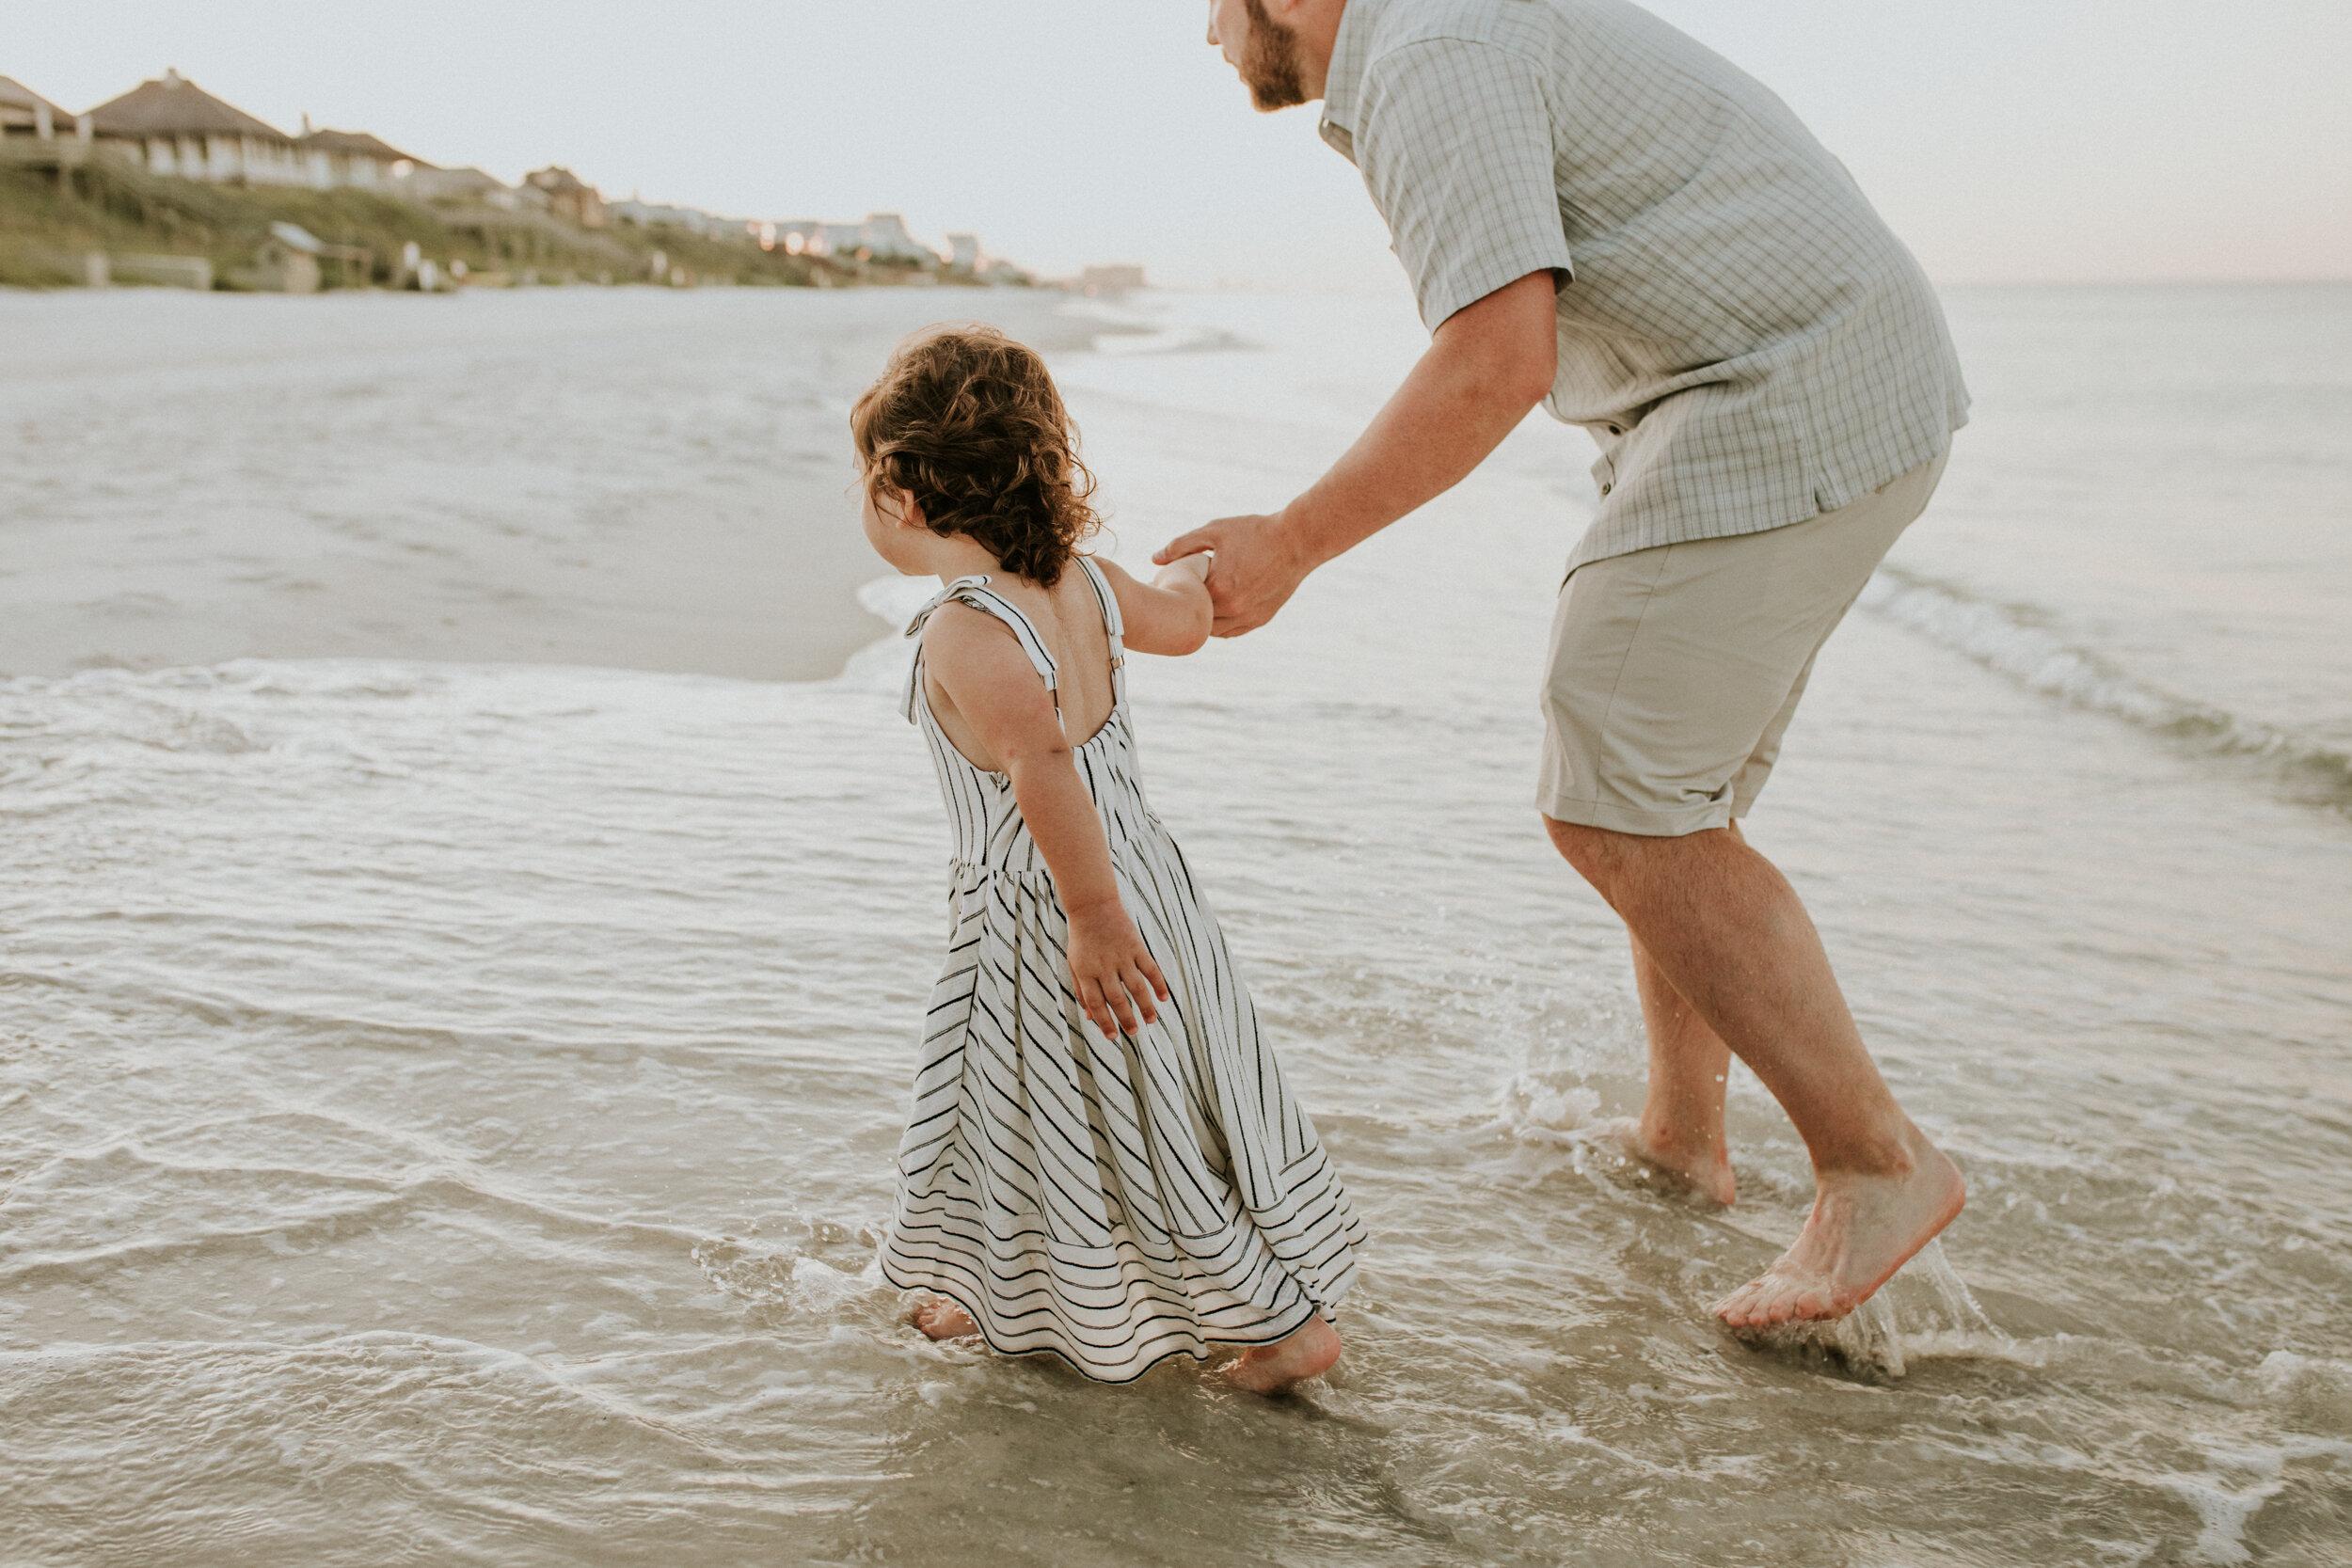 30a_Destin_Rosemary_Beach_Florida_Family_Photographer_Beach_Session-16.jpg